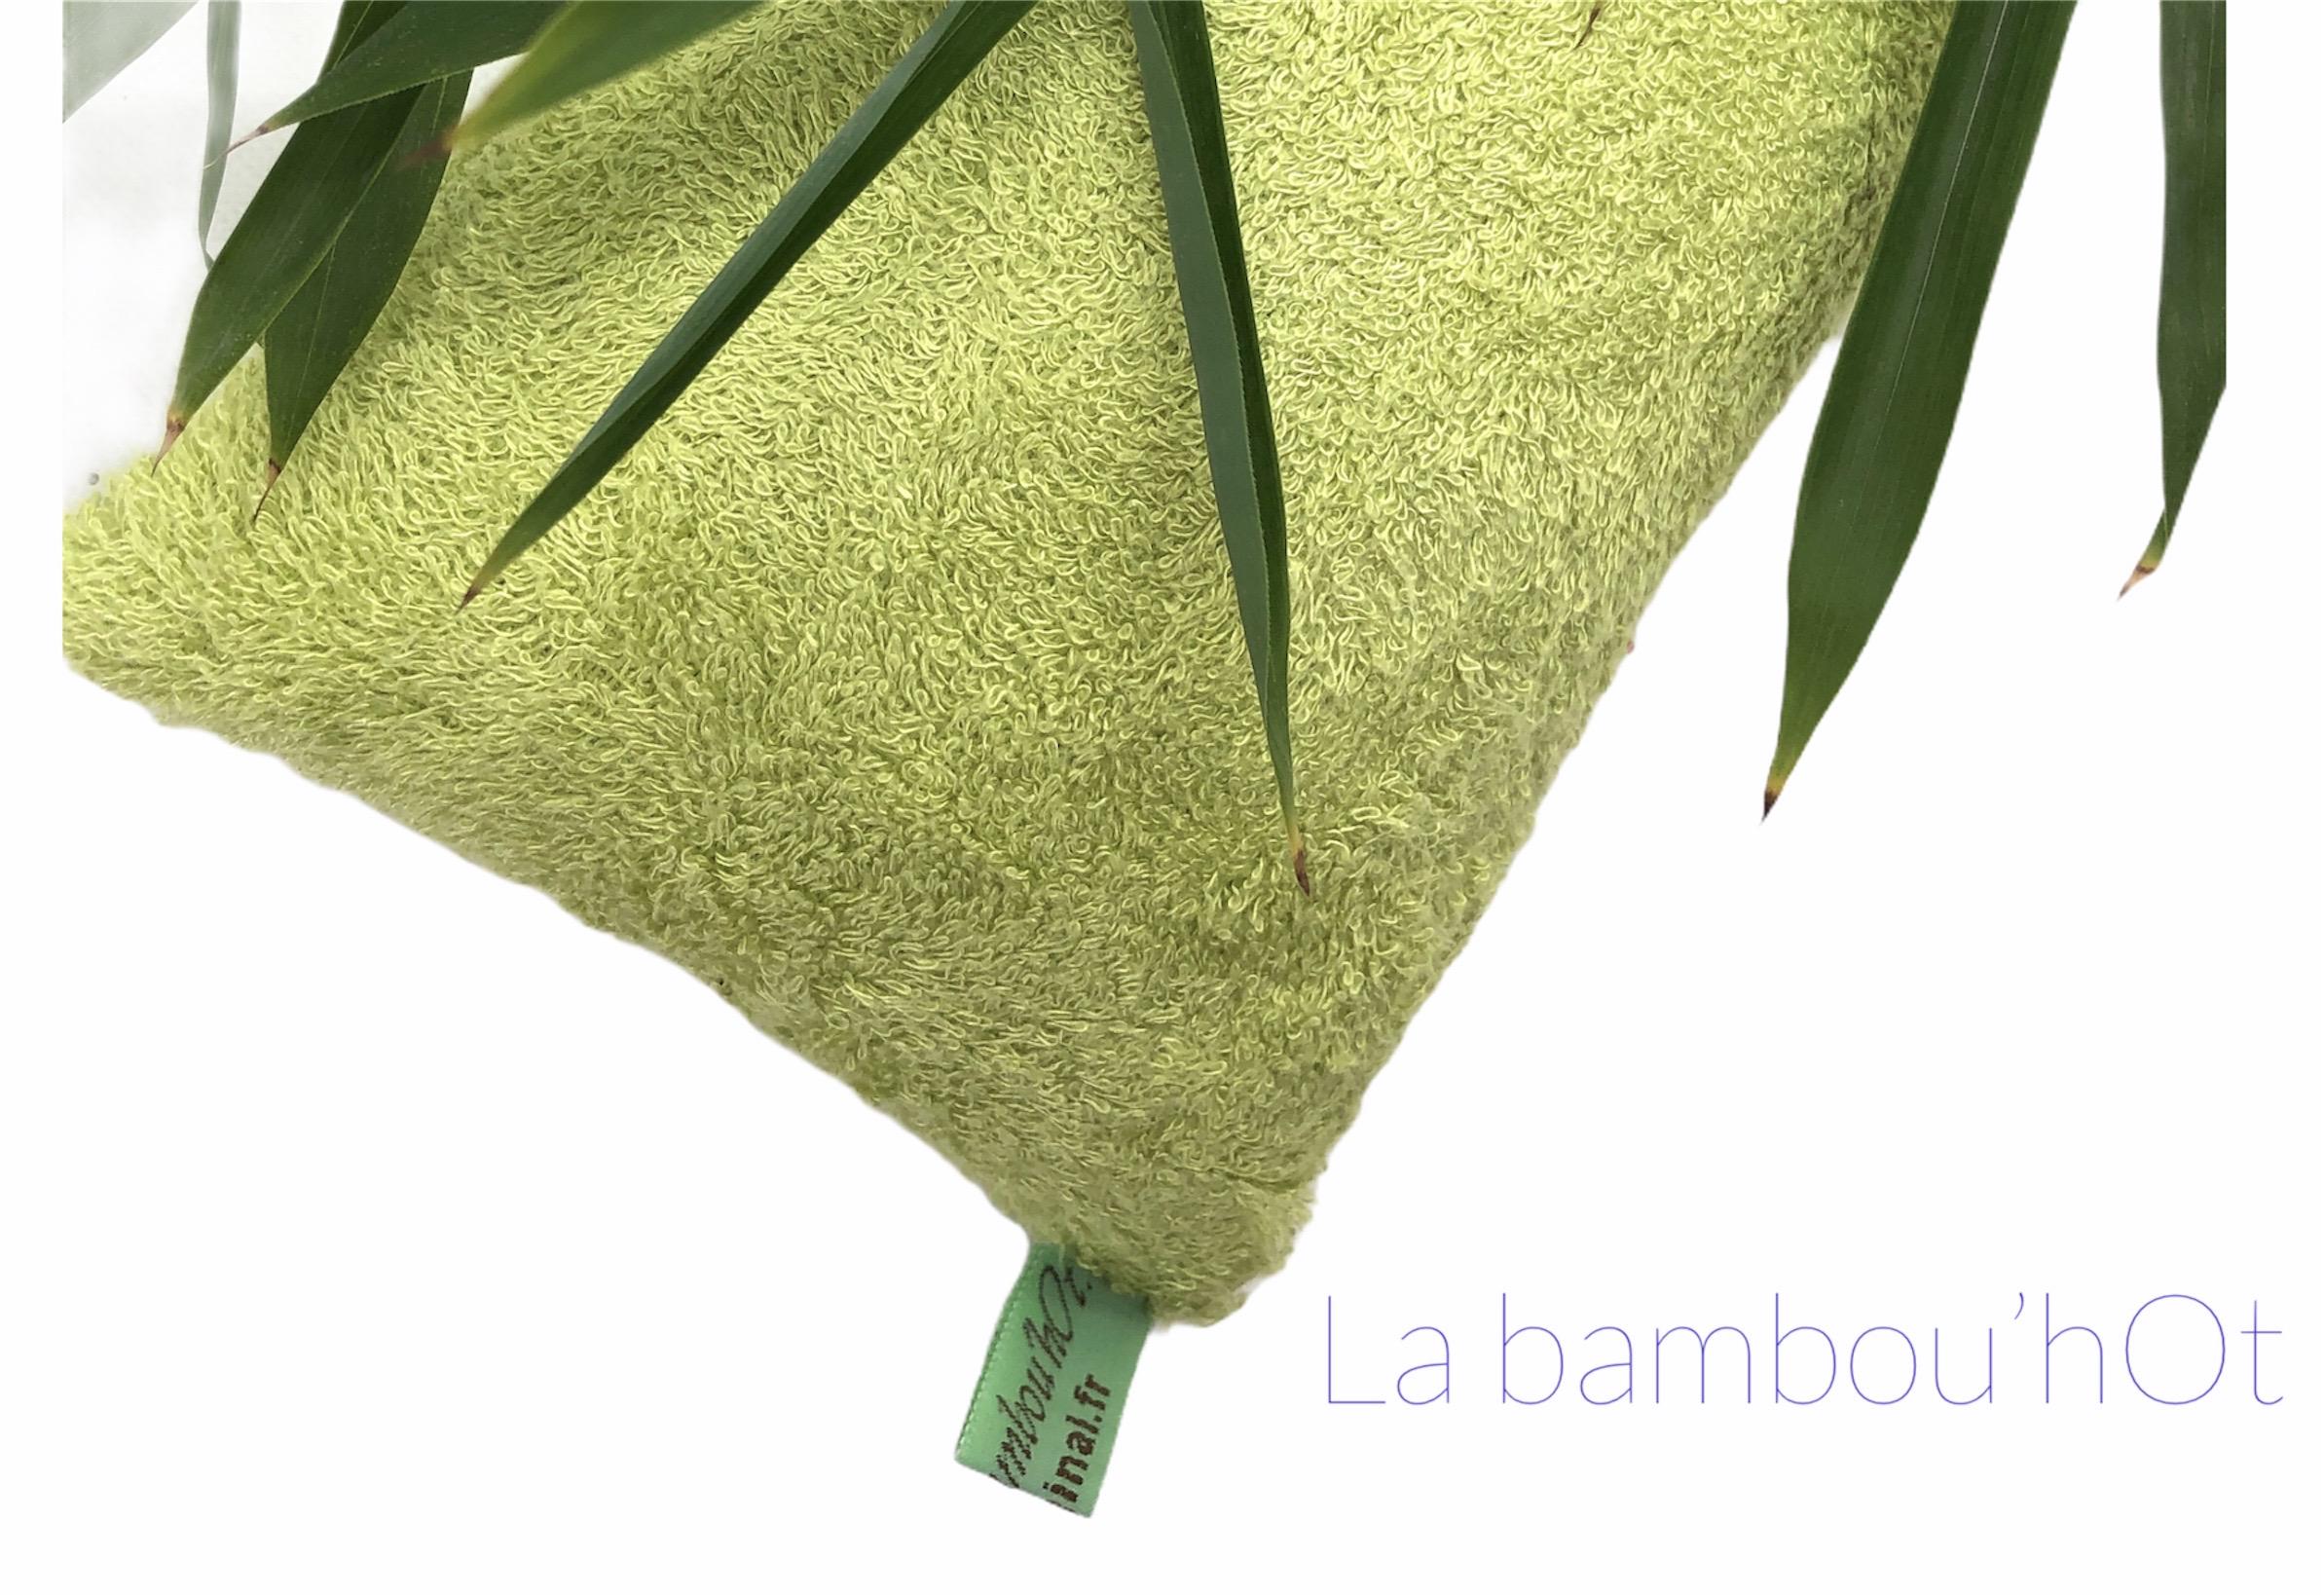 Bambou\'hot Verte